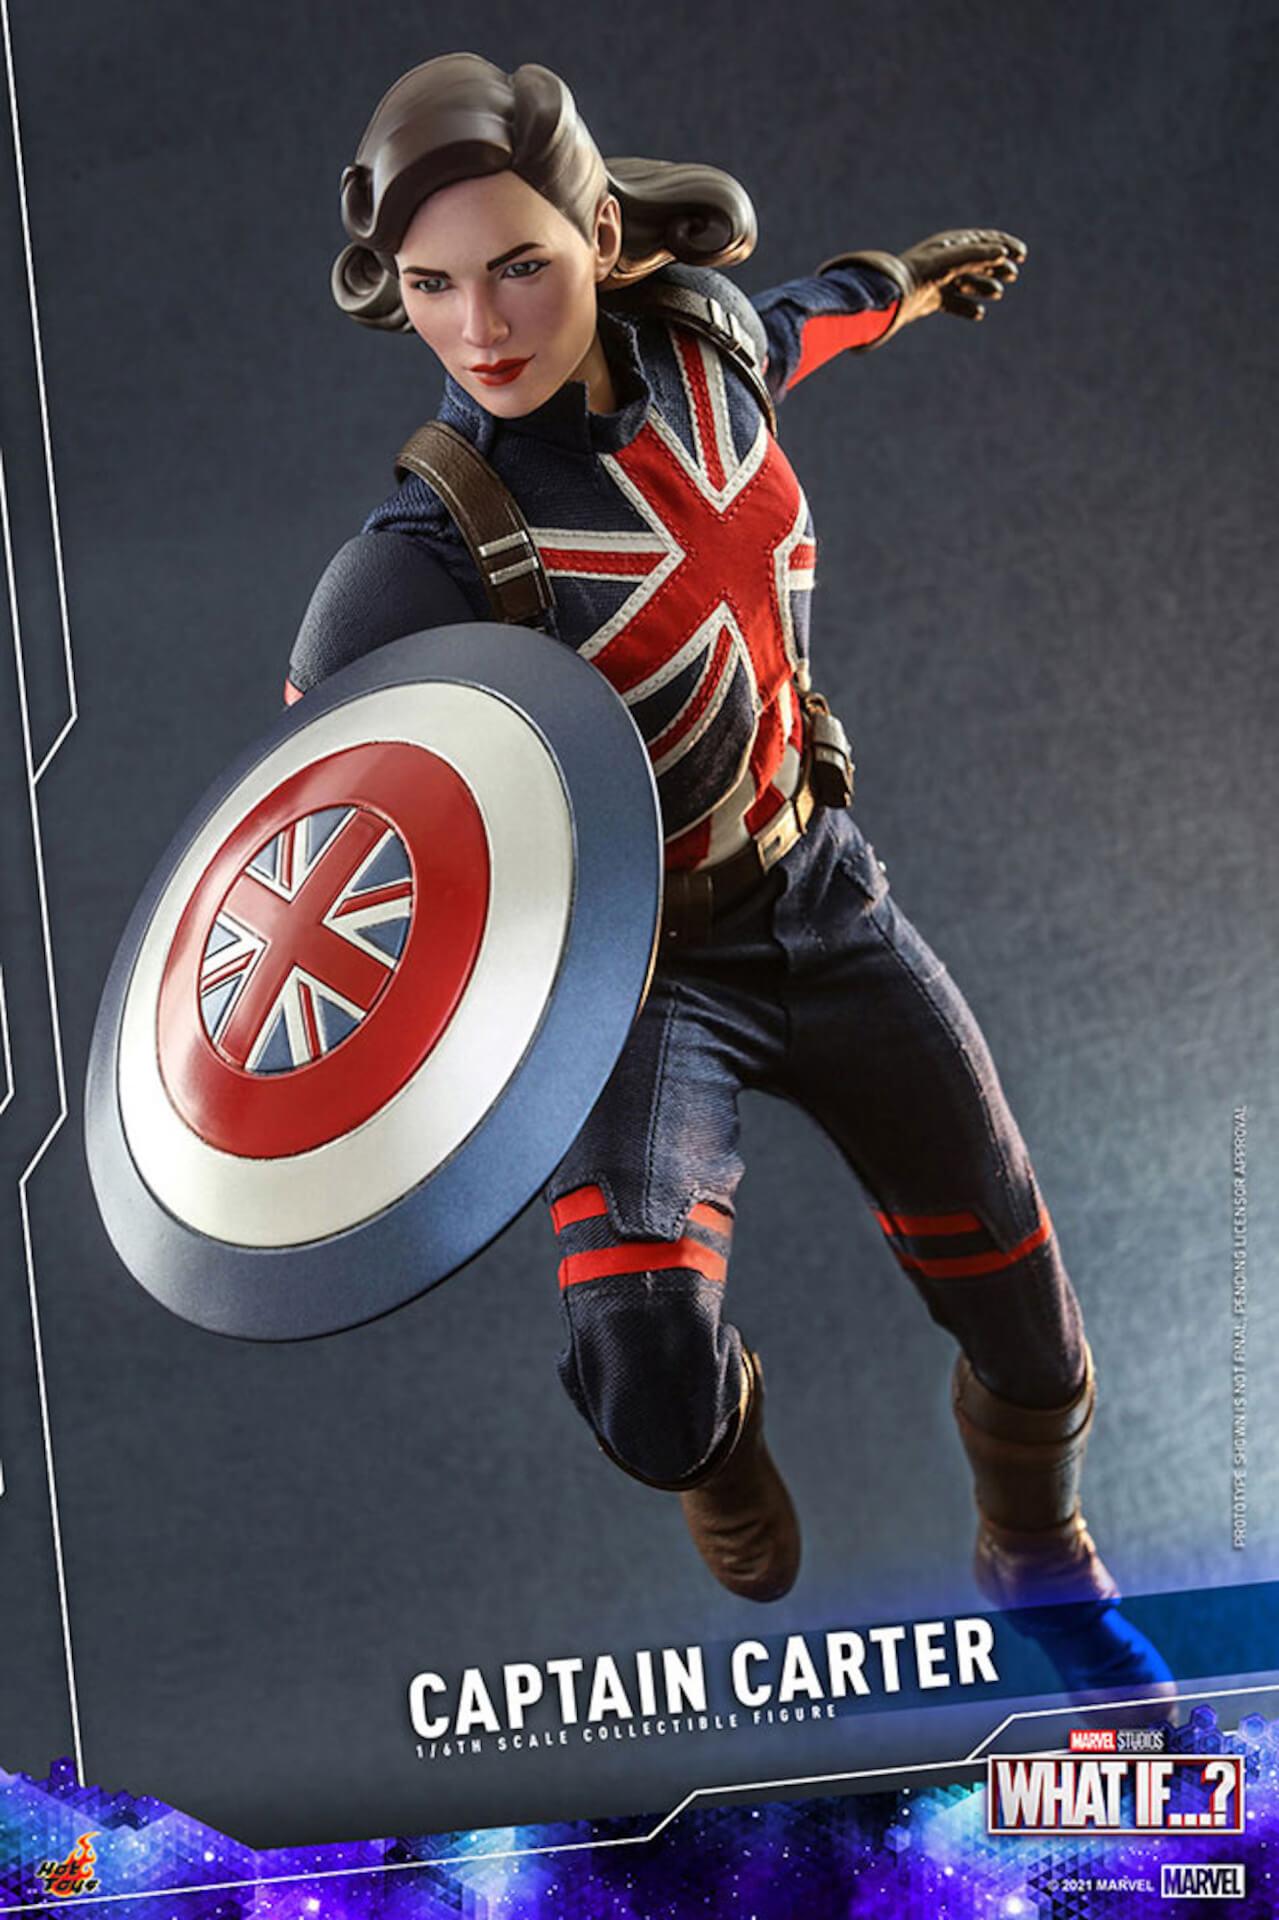 もしもの世界のヒーローがフィギュアに!マーベル・スタジオ『ホワット・イフ...?』のキャプテン・カーターがホットトイズより登場 art210921_captaincarter_hottoys_7